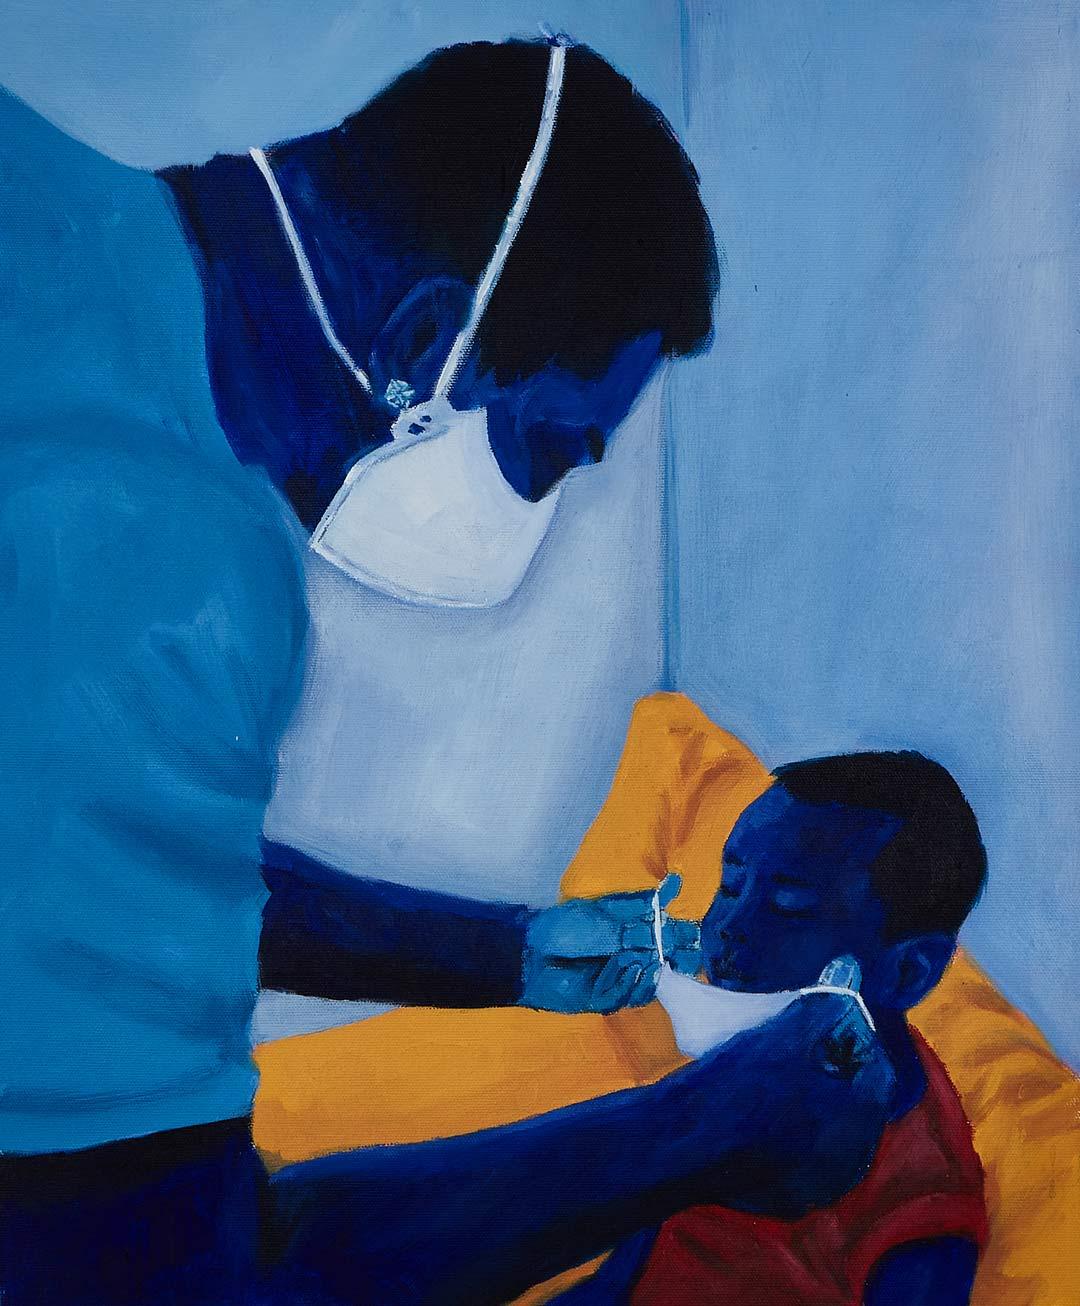 De máscara, um pai coloca uma outra máscara em seu filho pequeno.